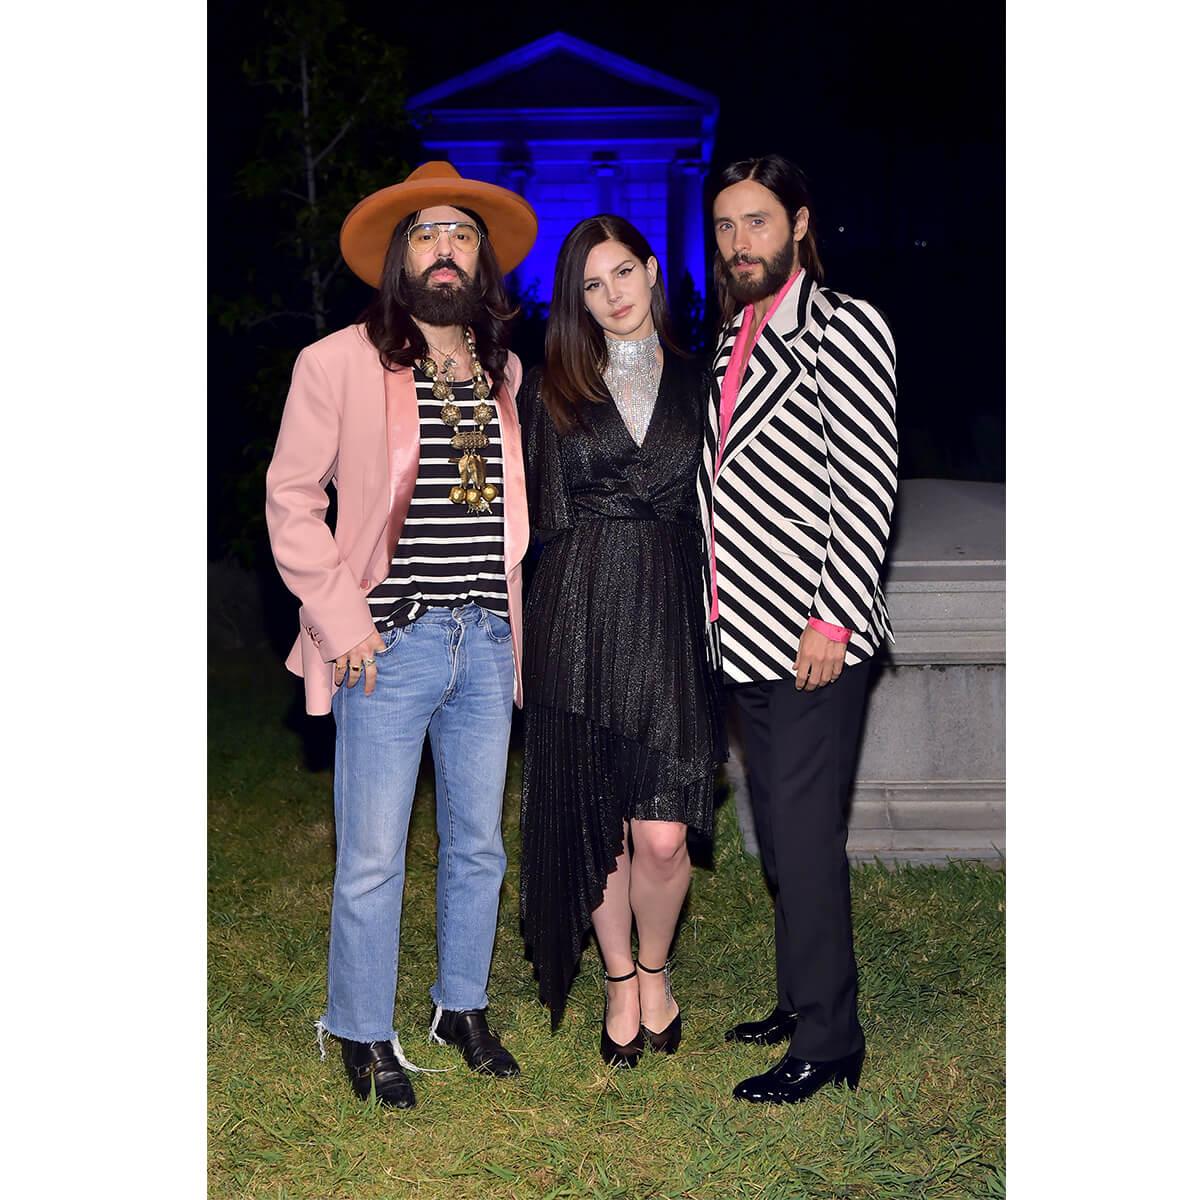 Lana-and-Jared-Resized